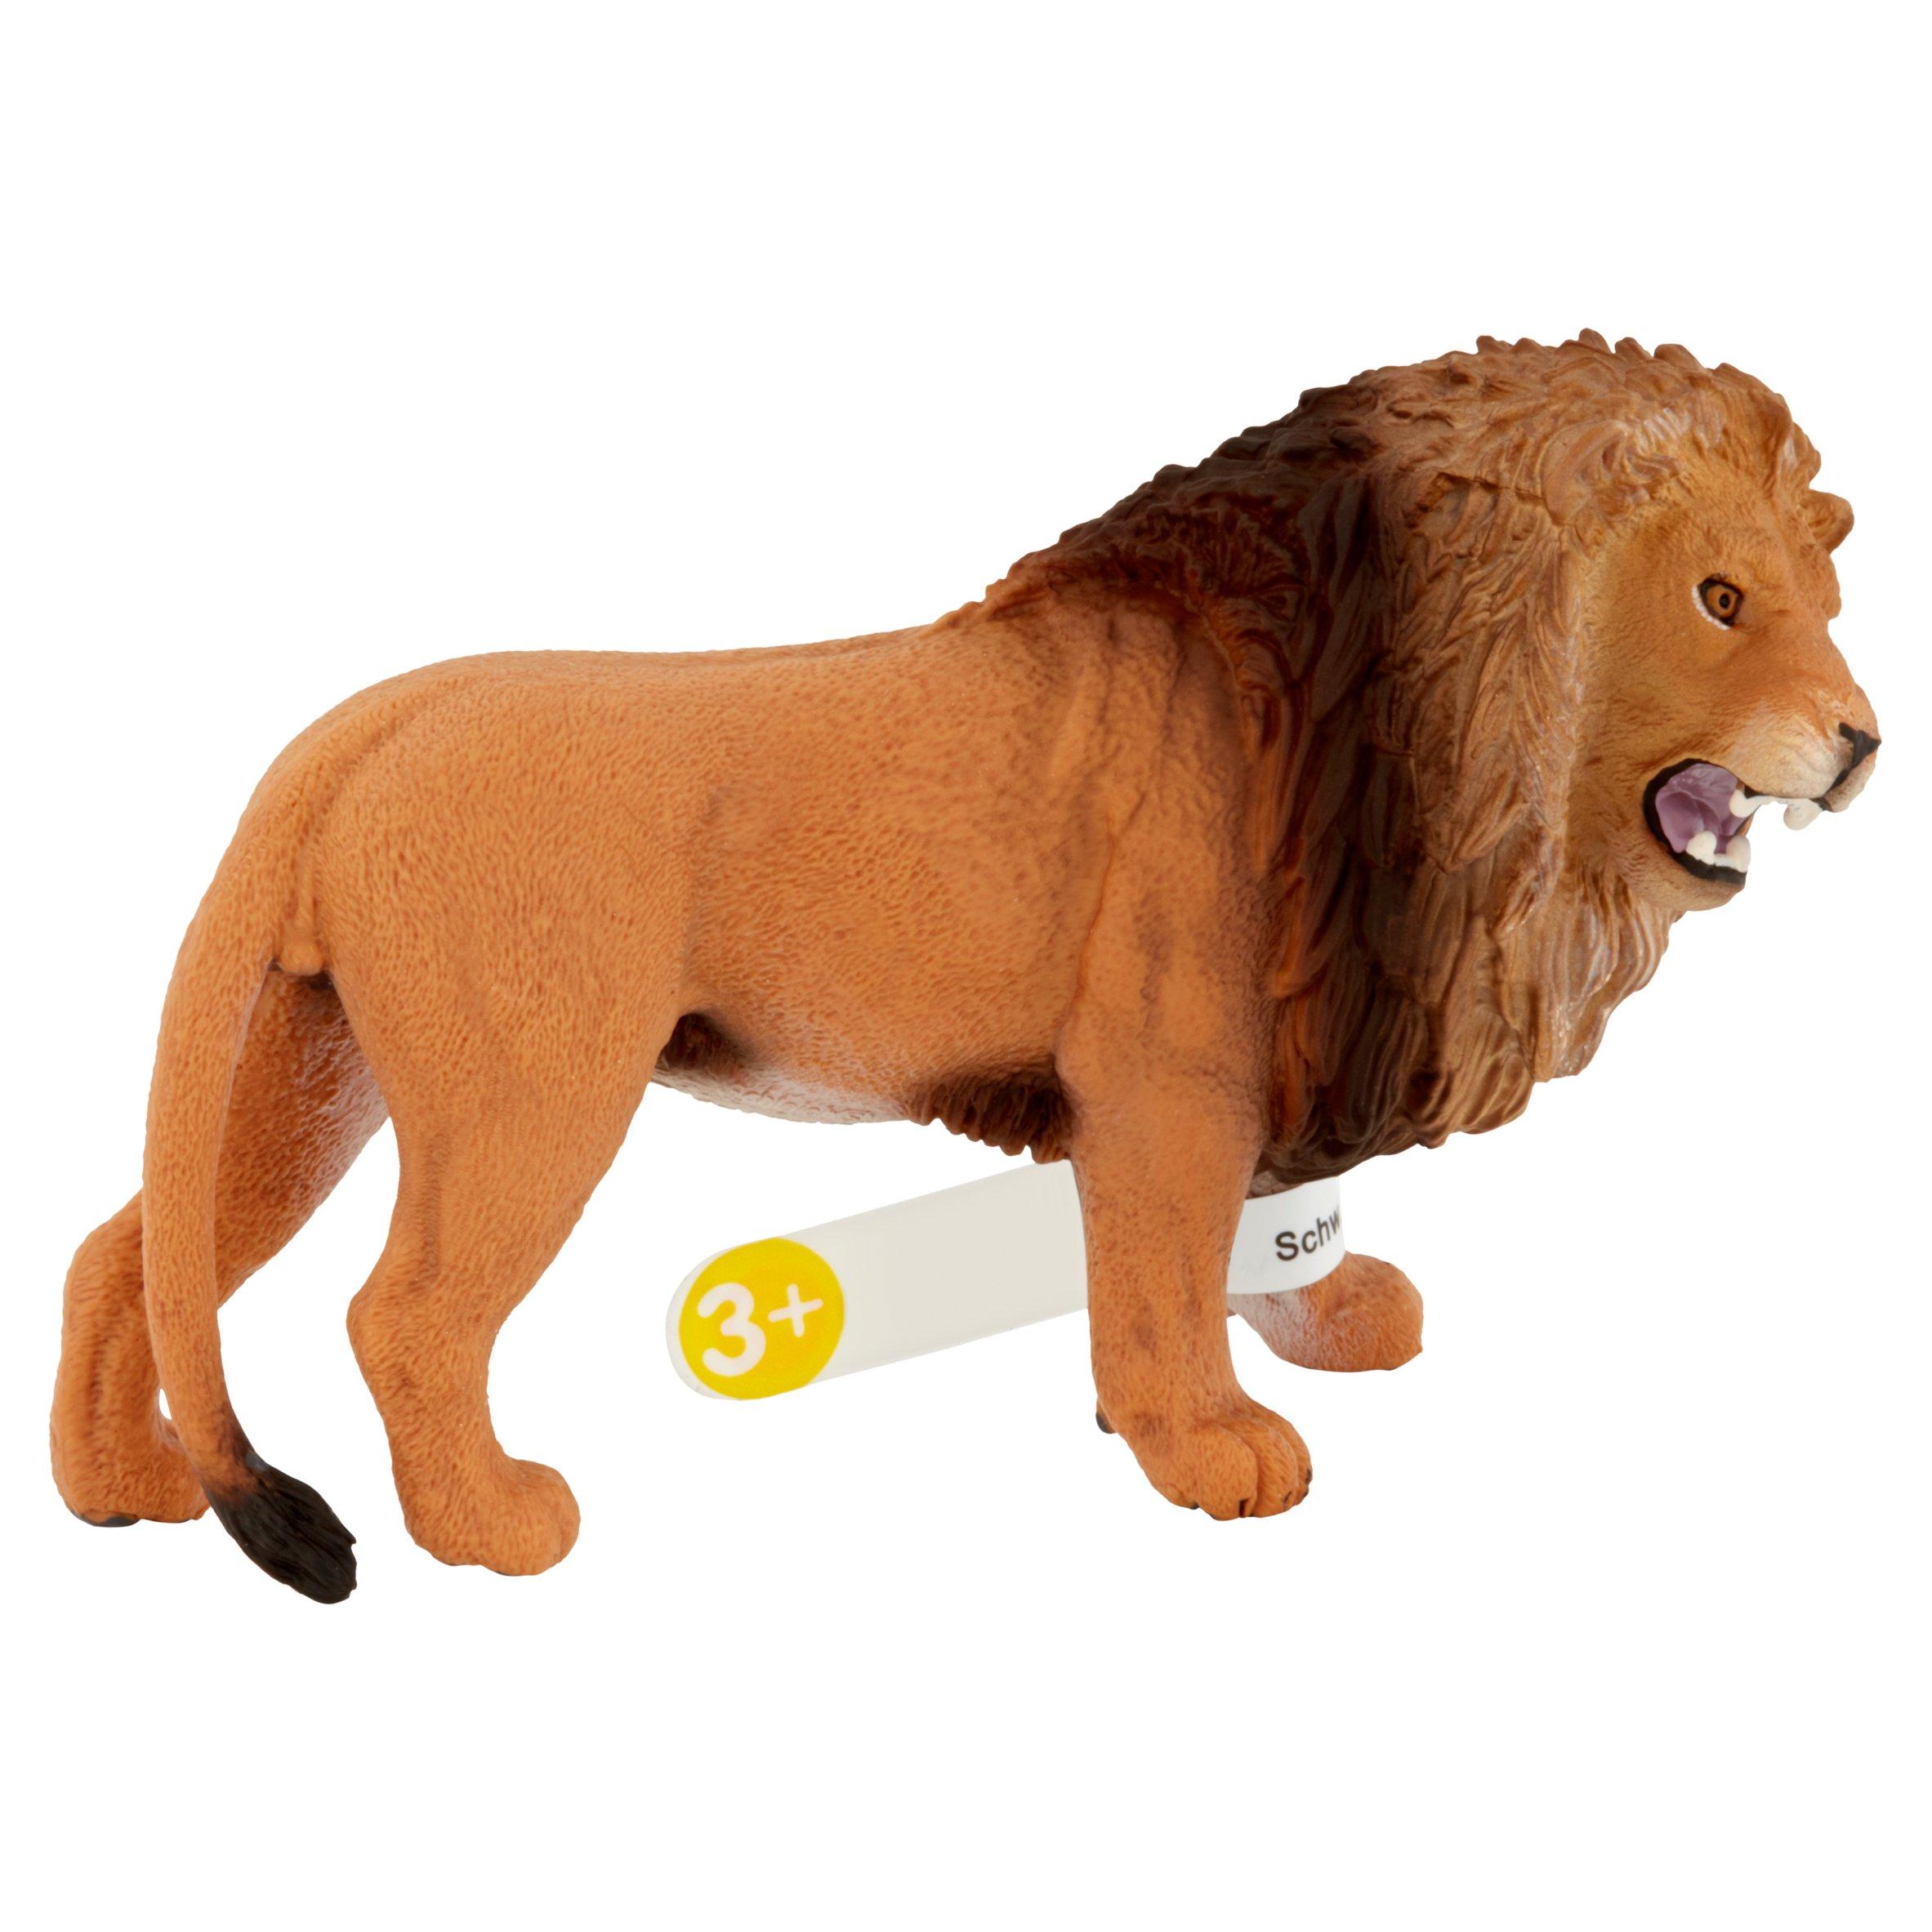 Schleich Lion Figure - Walmart.com